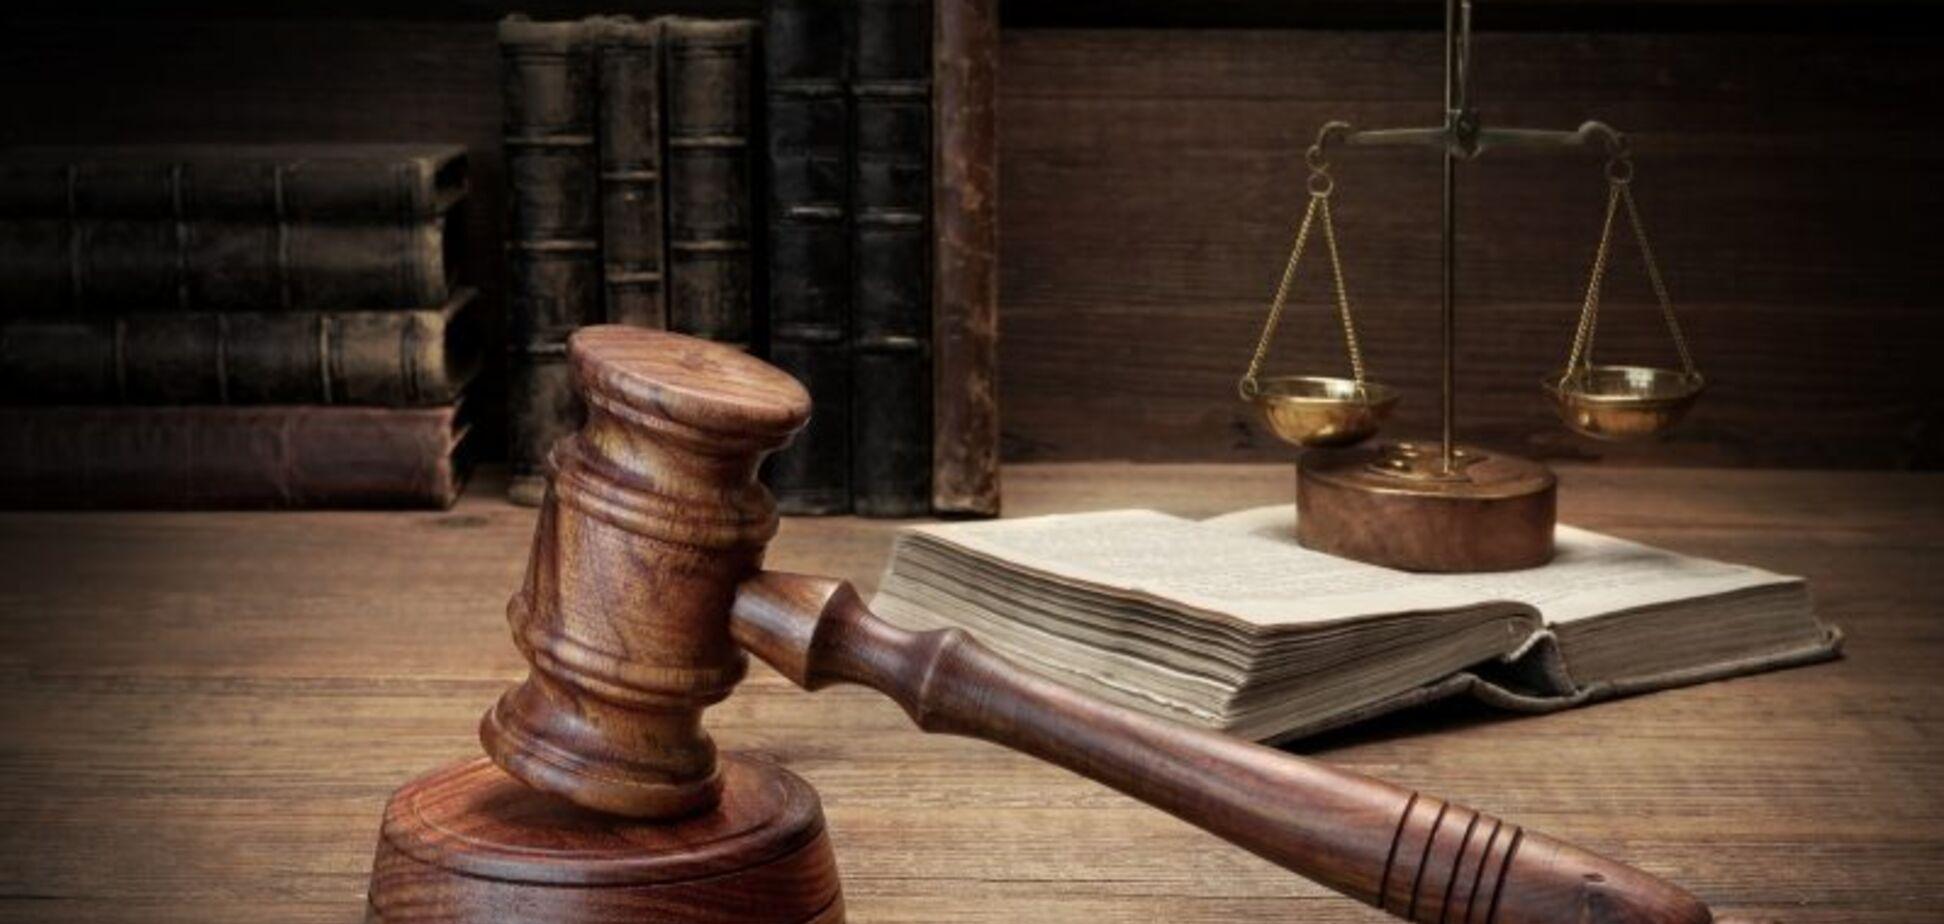 Предал Украину: суд вынес жесткий приговор судье за работу на Россию